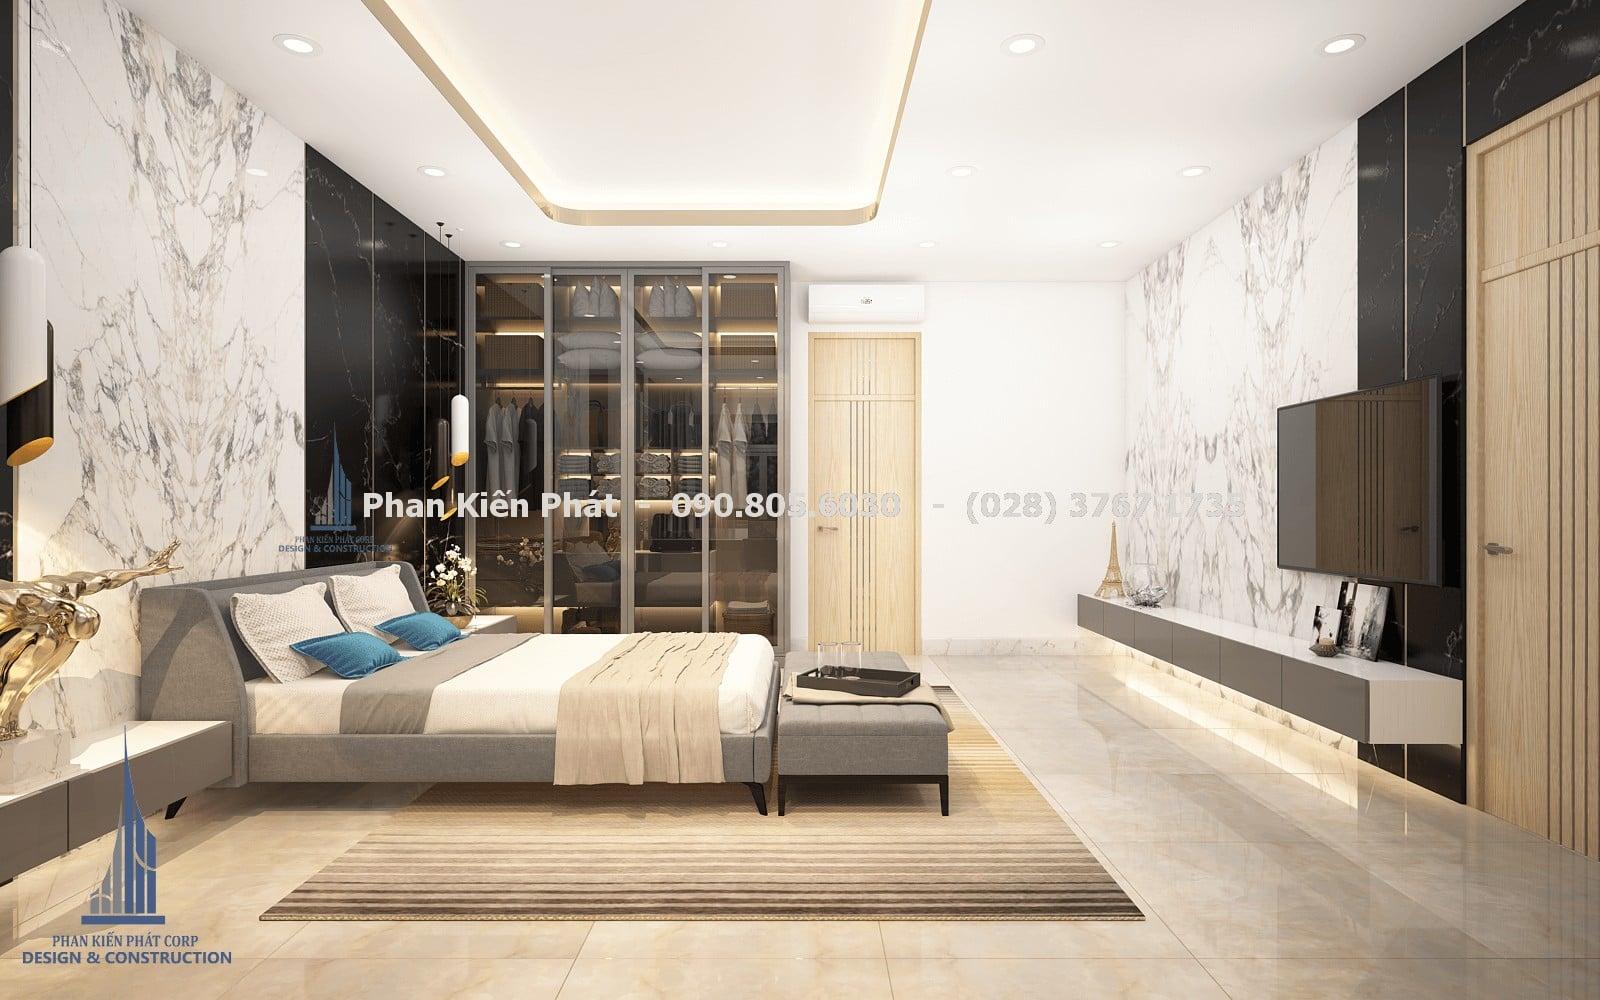 Thiết kế phòng ngủ nam 1 đẹp với mẫu biệt thự phố 5 tầng góc 3